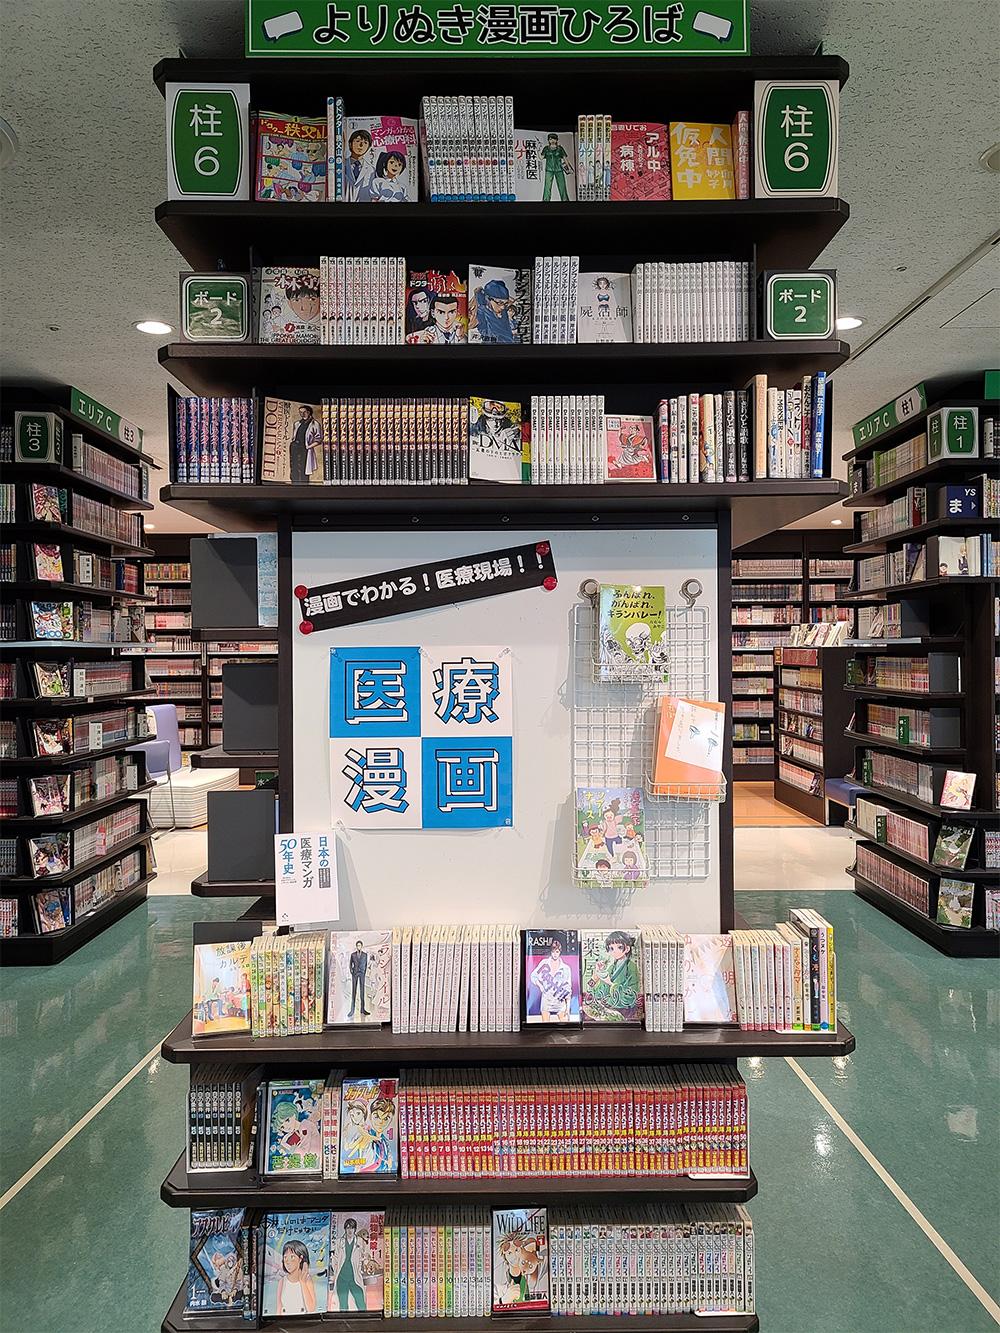 北九州市漫画ミュージアムにて「医療マンガ」特集コーナー設置